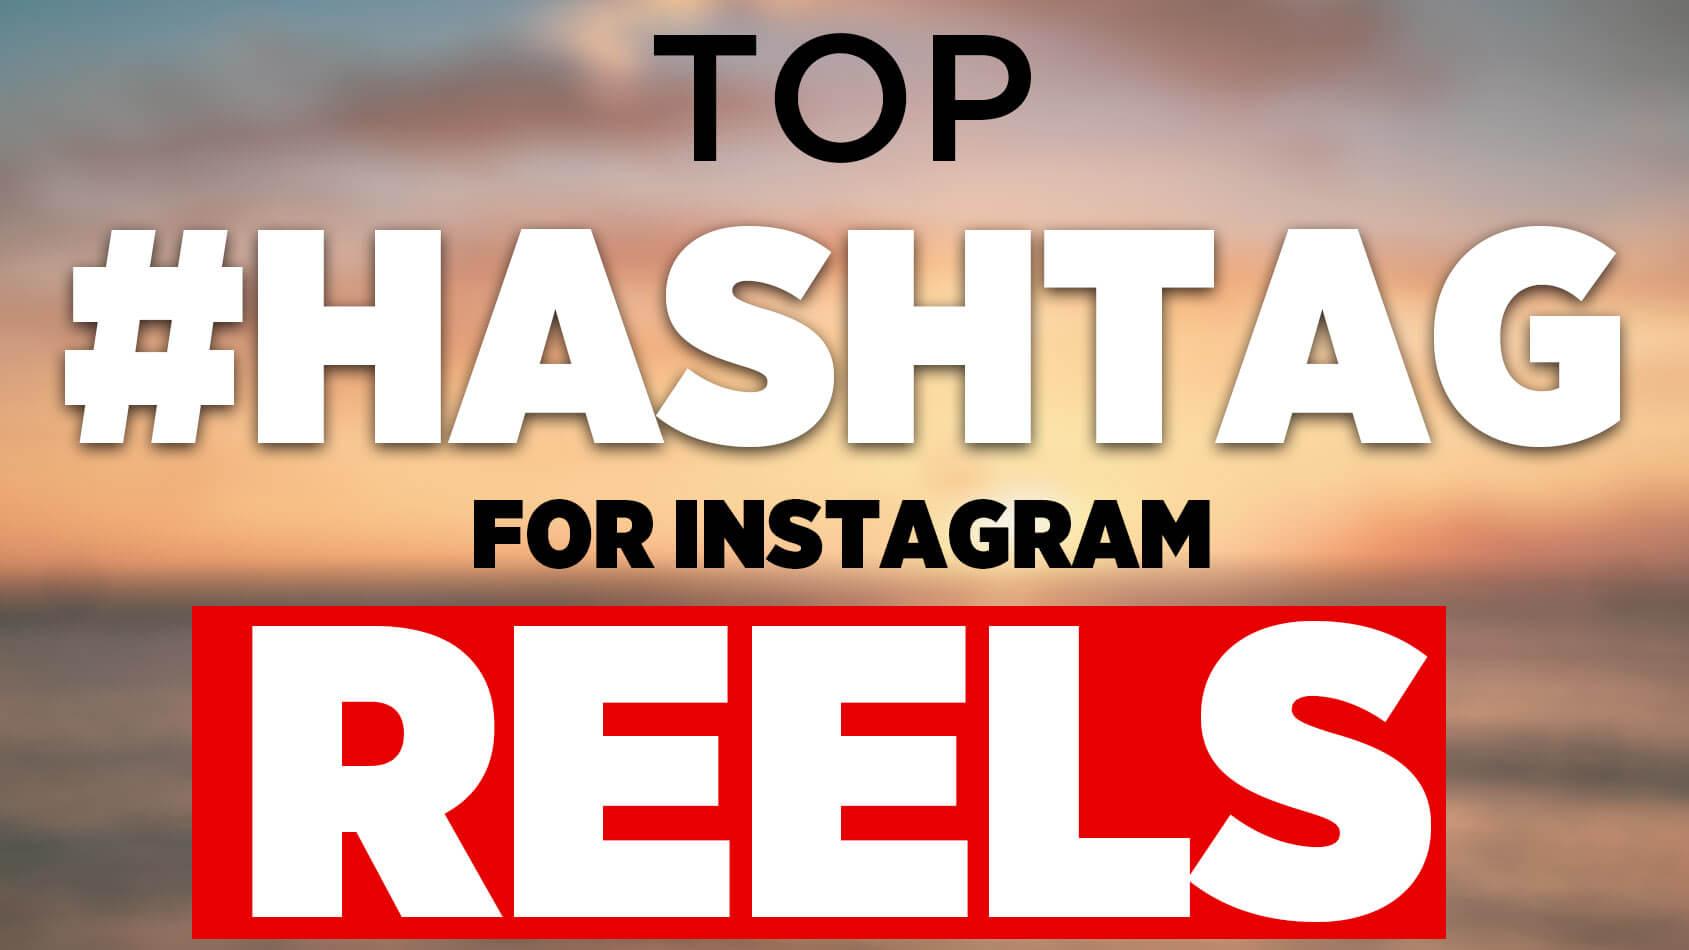 trending hashtags for instagram reels 2021